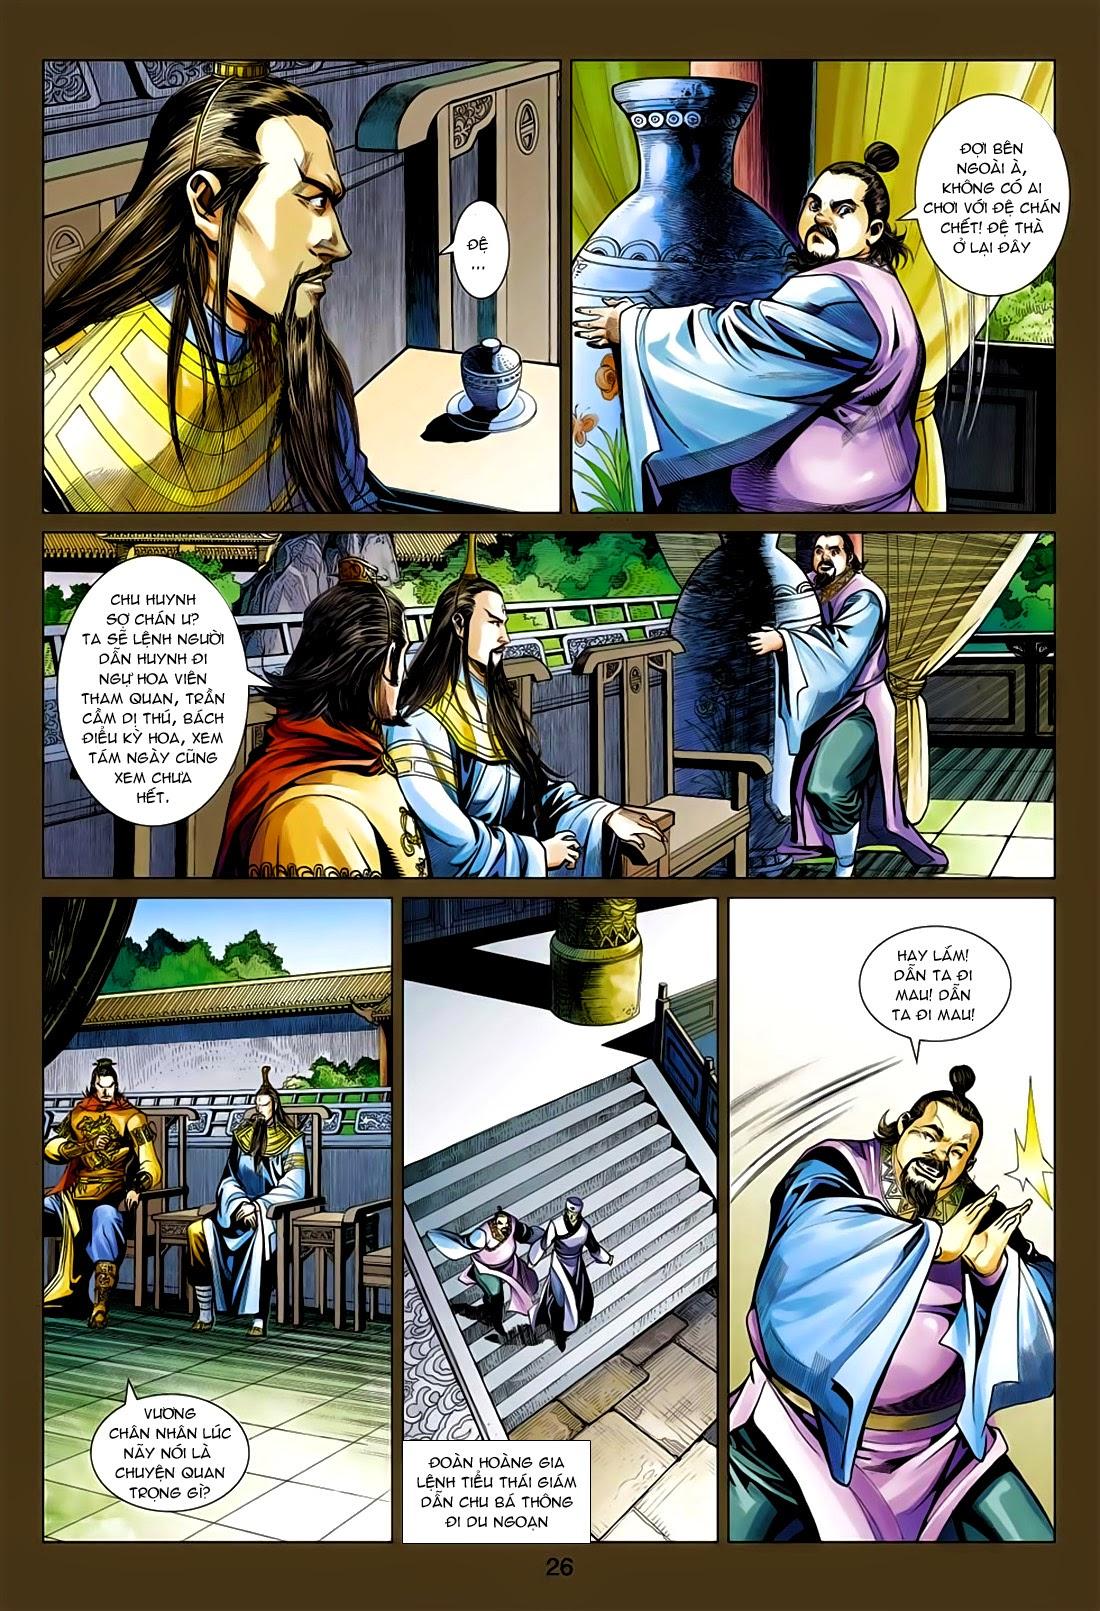 Anh Hùng Xạ Điêu anh hùng xạ đêu chap 75: hoàng thành cựu sự trang 26